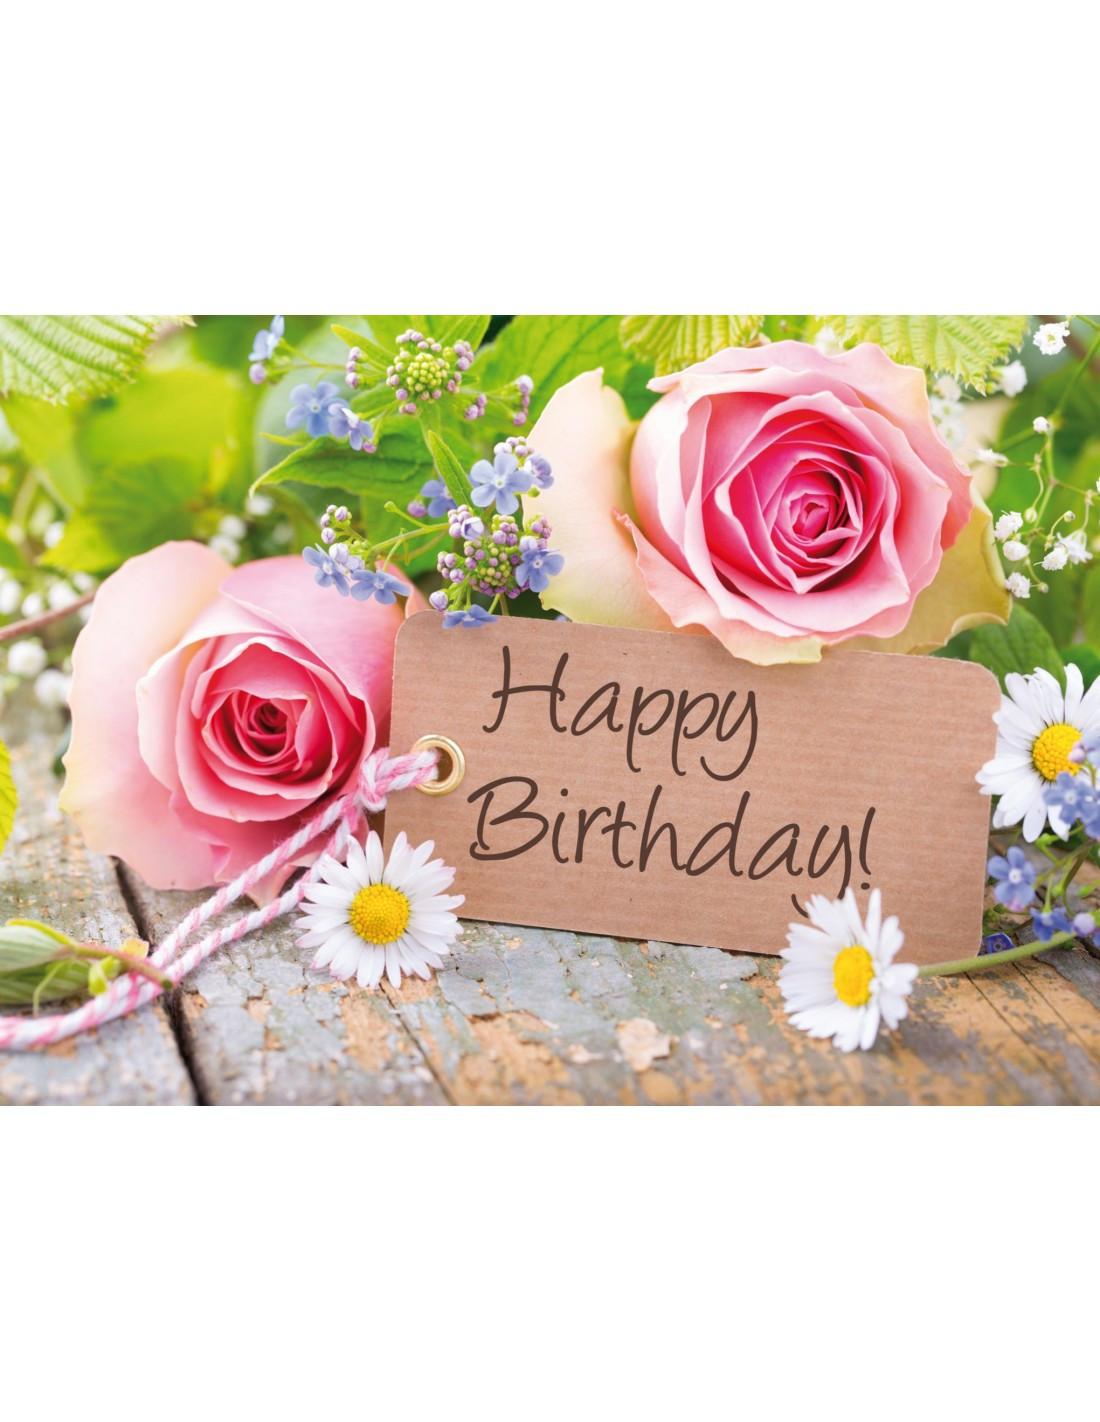 Geburtstagskarten Kaufen  Geburtstagskarte Rosen mit Gänseblümchen